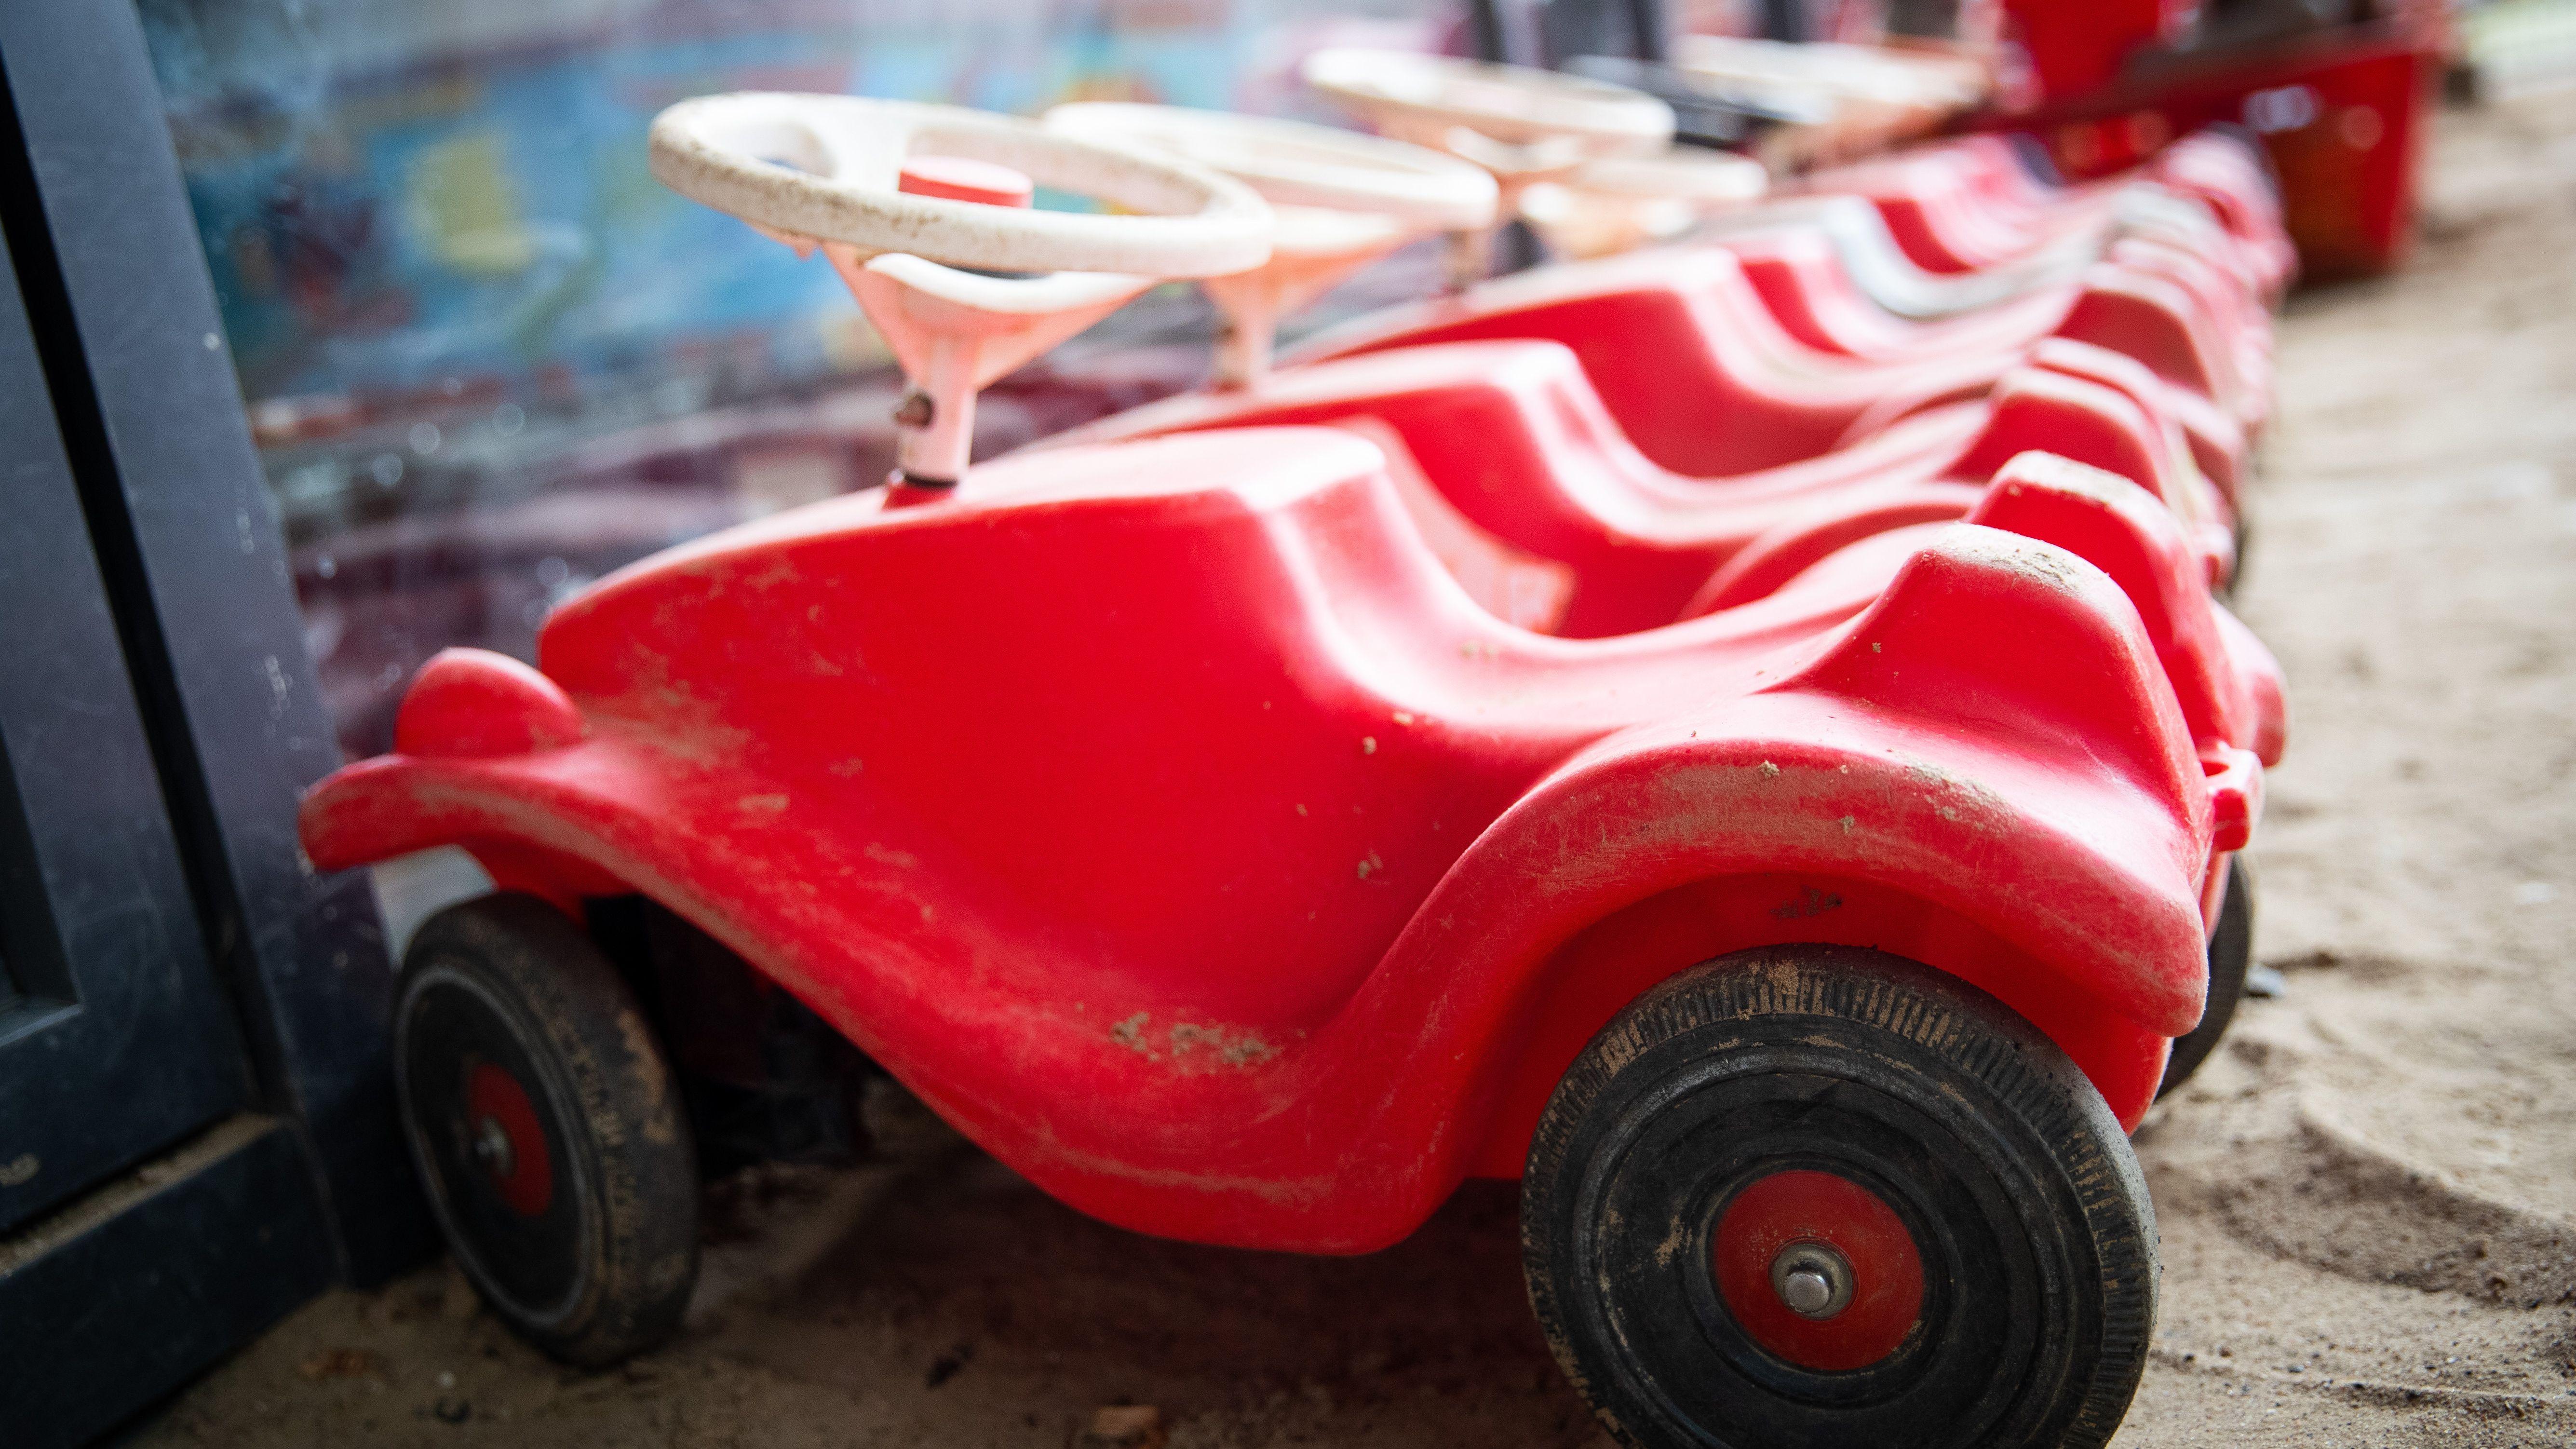 Mehrere Bobbycars stehen nebeneinander aufgereiht in einem Kindergarten (Symbolbild)